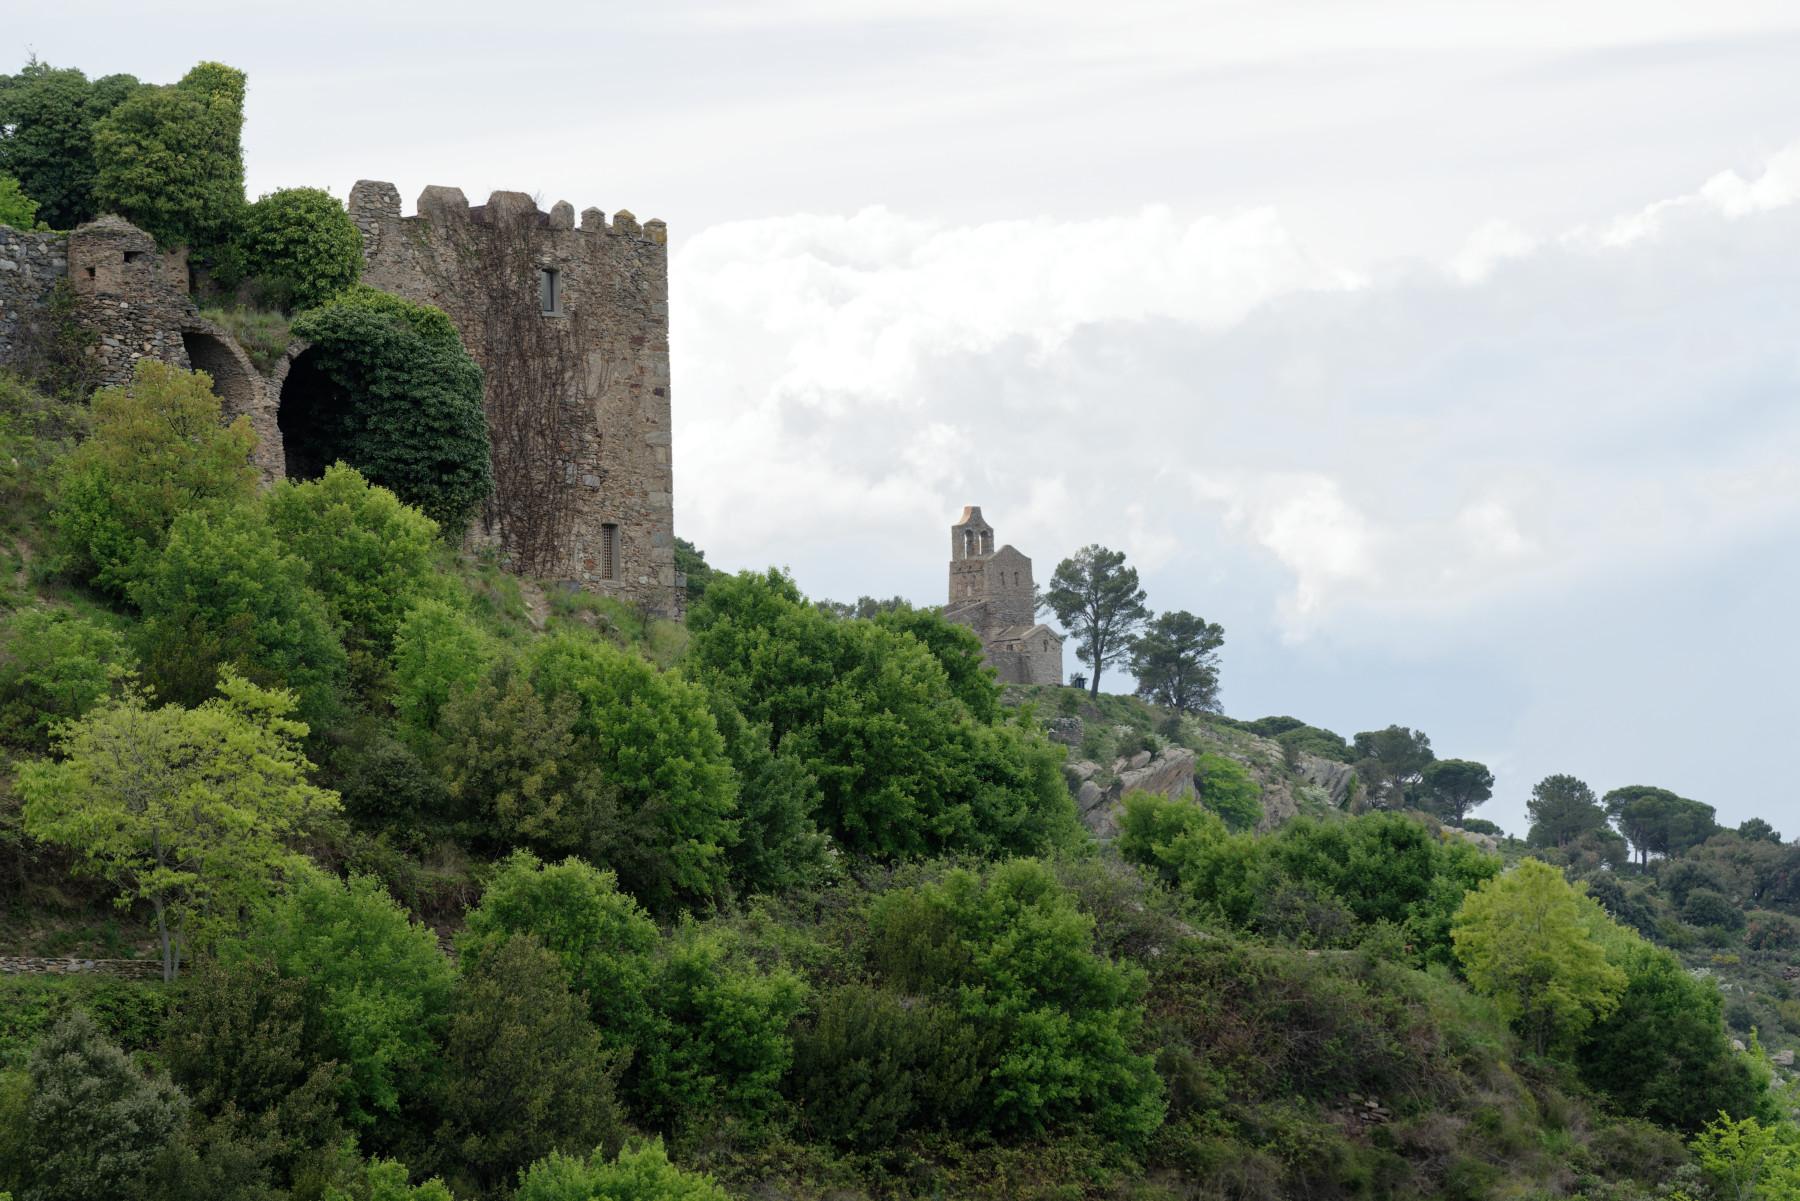 180430-3-Monestir de sant Pedre de Rodes (13) (Catalogne-Espagne)